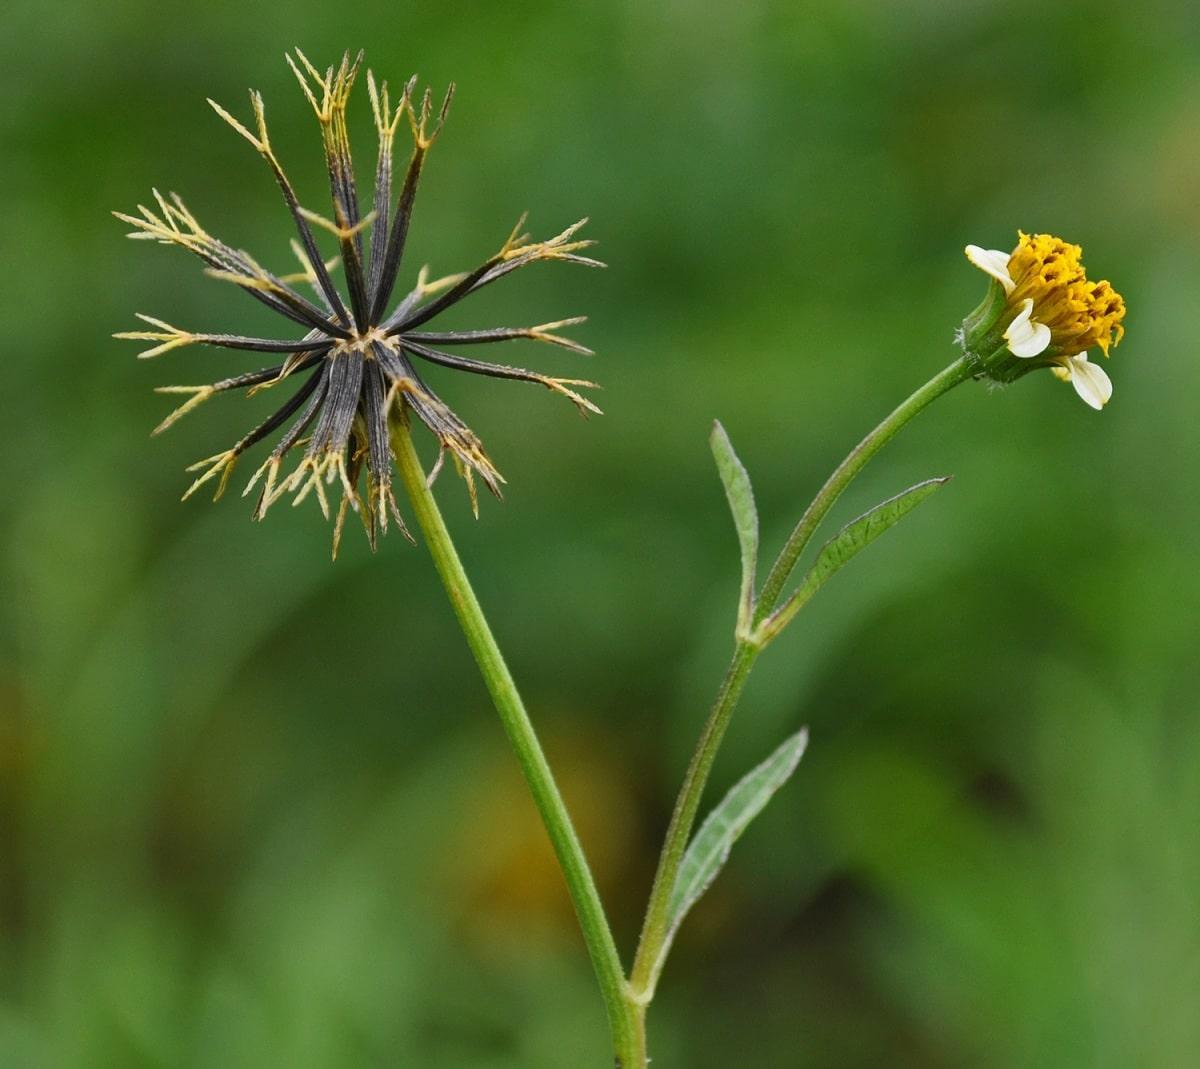 Reproducción de plantas en cultivos mediante semillas